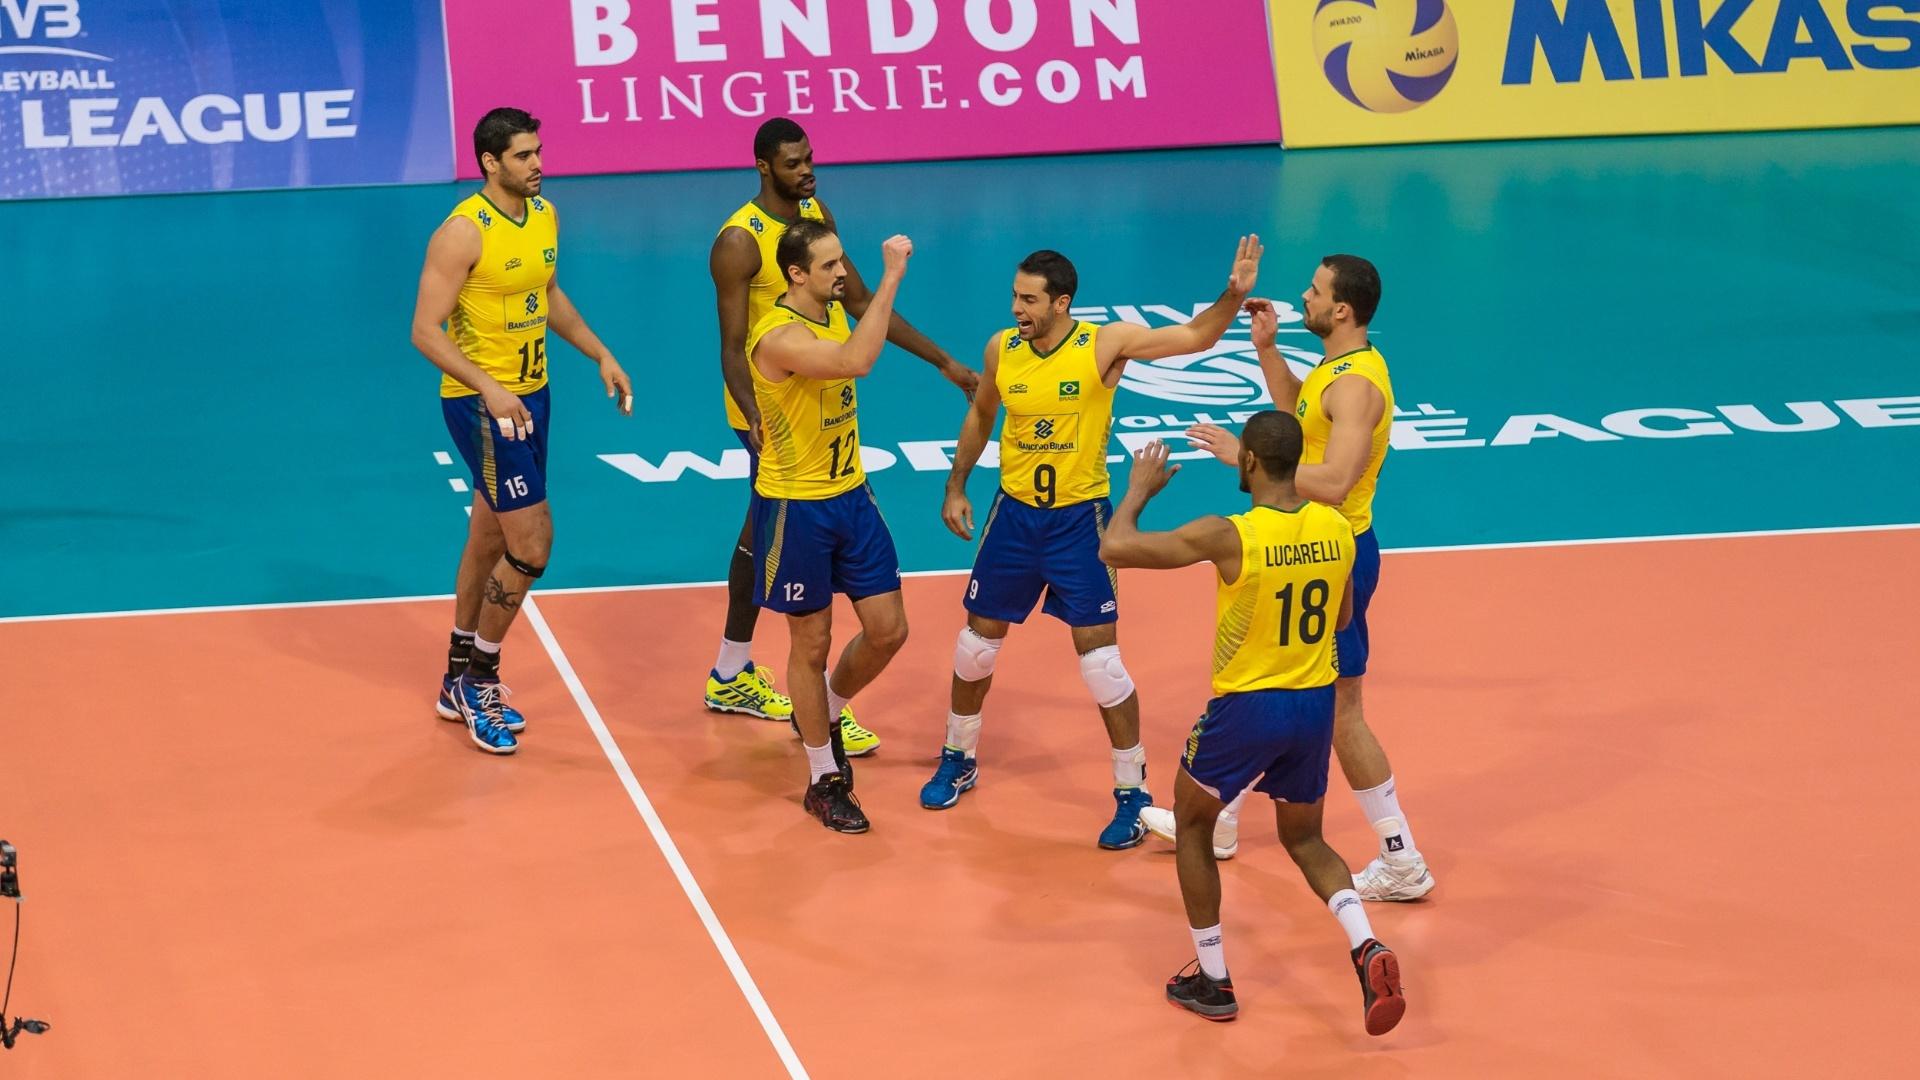 Seleção brasileira de vôlei em duelo contra a Austrália